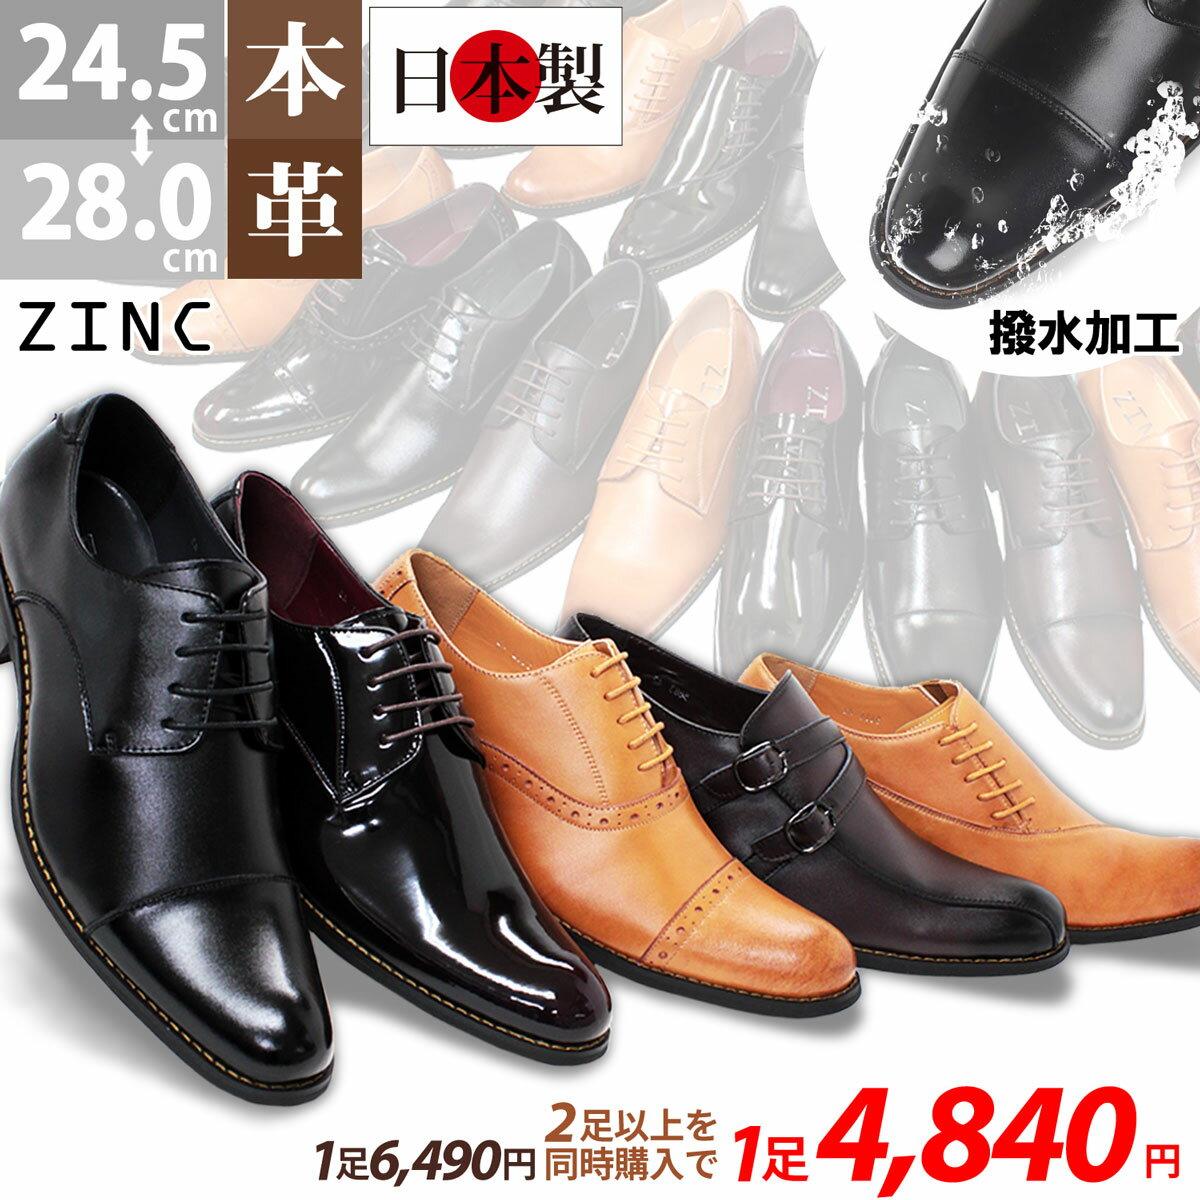 【送料無料】ビジネスシューズ 本革 革靴 メンズ日本製 ビジネス 2足で8000円(税別) 24.5〜28.0cm 選べる 2足セット国産 冠婚葬祭 就活 レースアップ 紳士靴 選べる福袋 ZINC 5880-5884 靴 卒業式